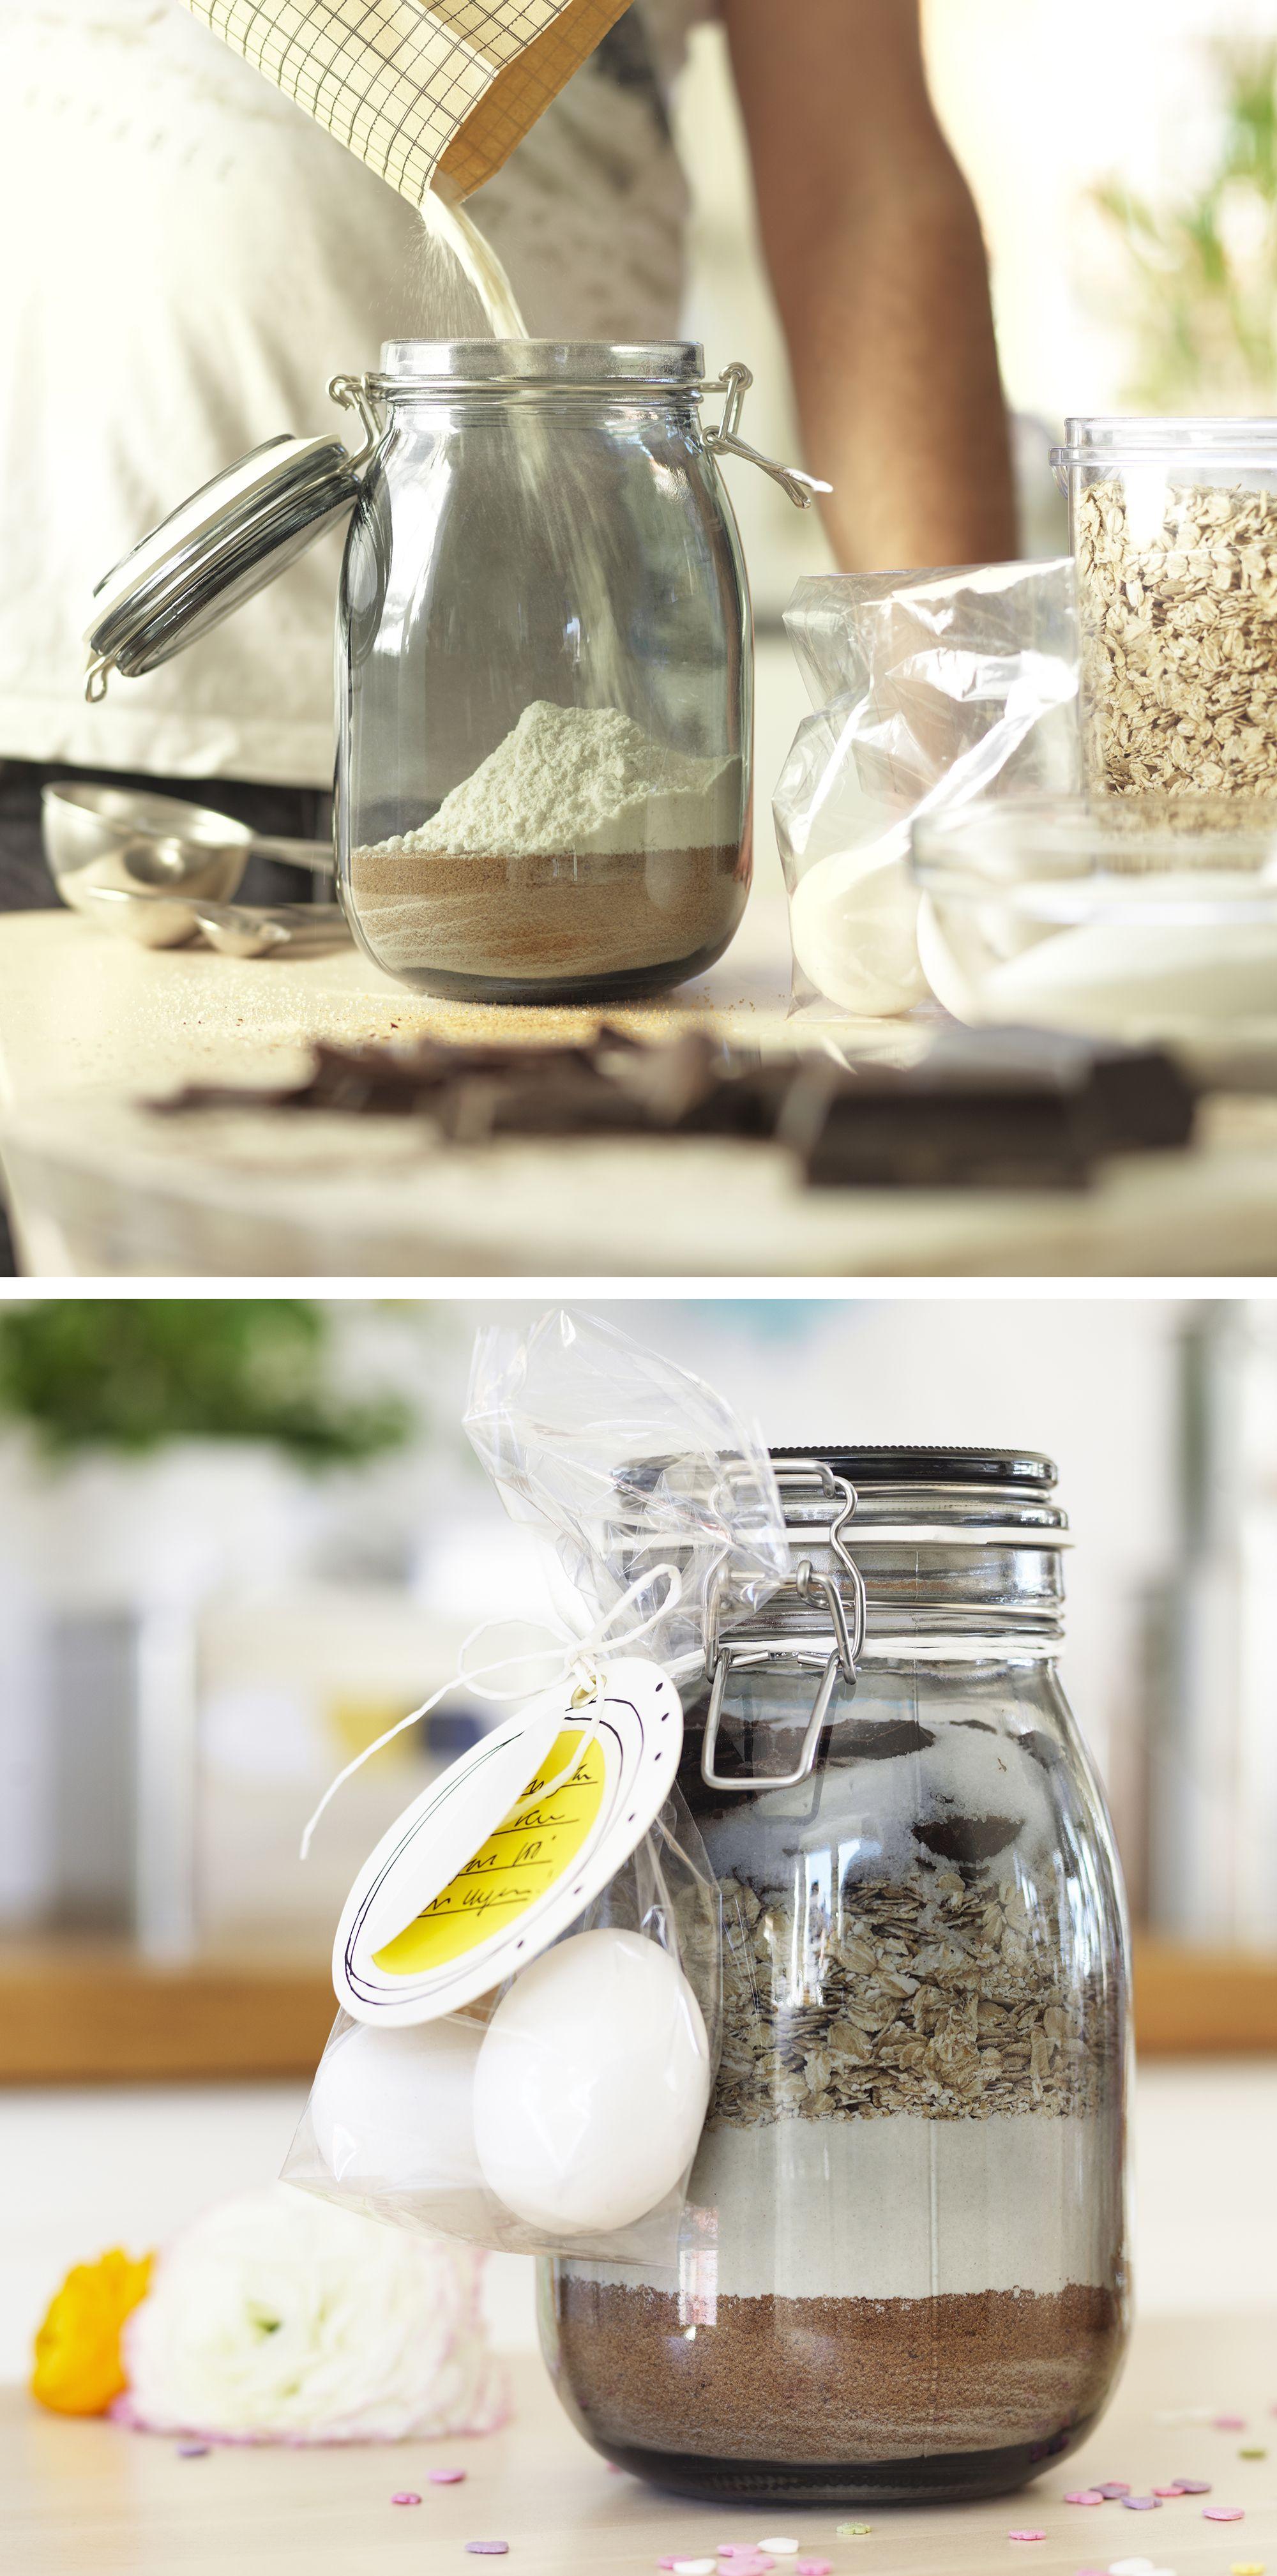 ikea bocaux en verre bonbonni re sur pied en verre bonbonniere en verre ikea with ikea bocaux. Black Bedroom Furniture Sets. Home Design Ideas